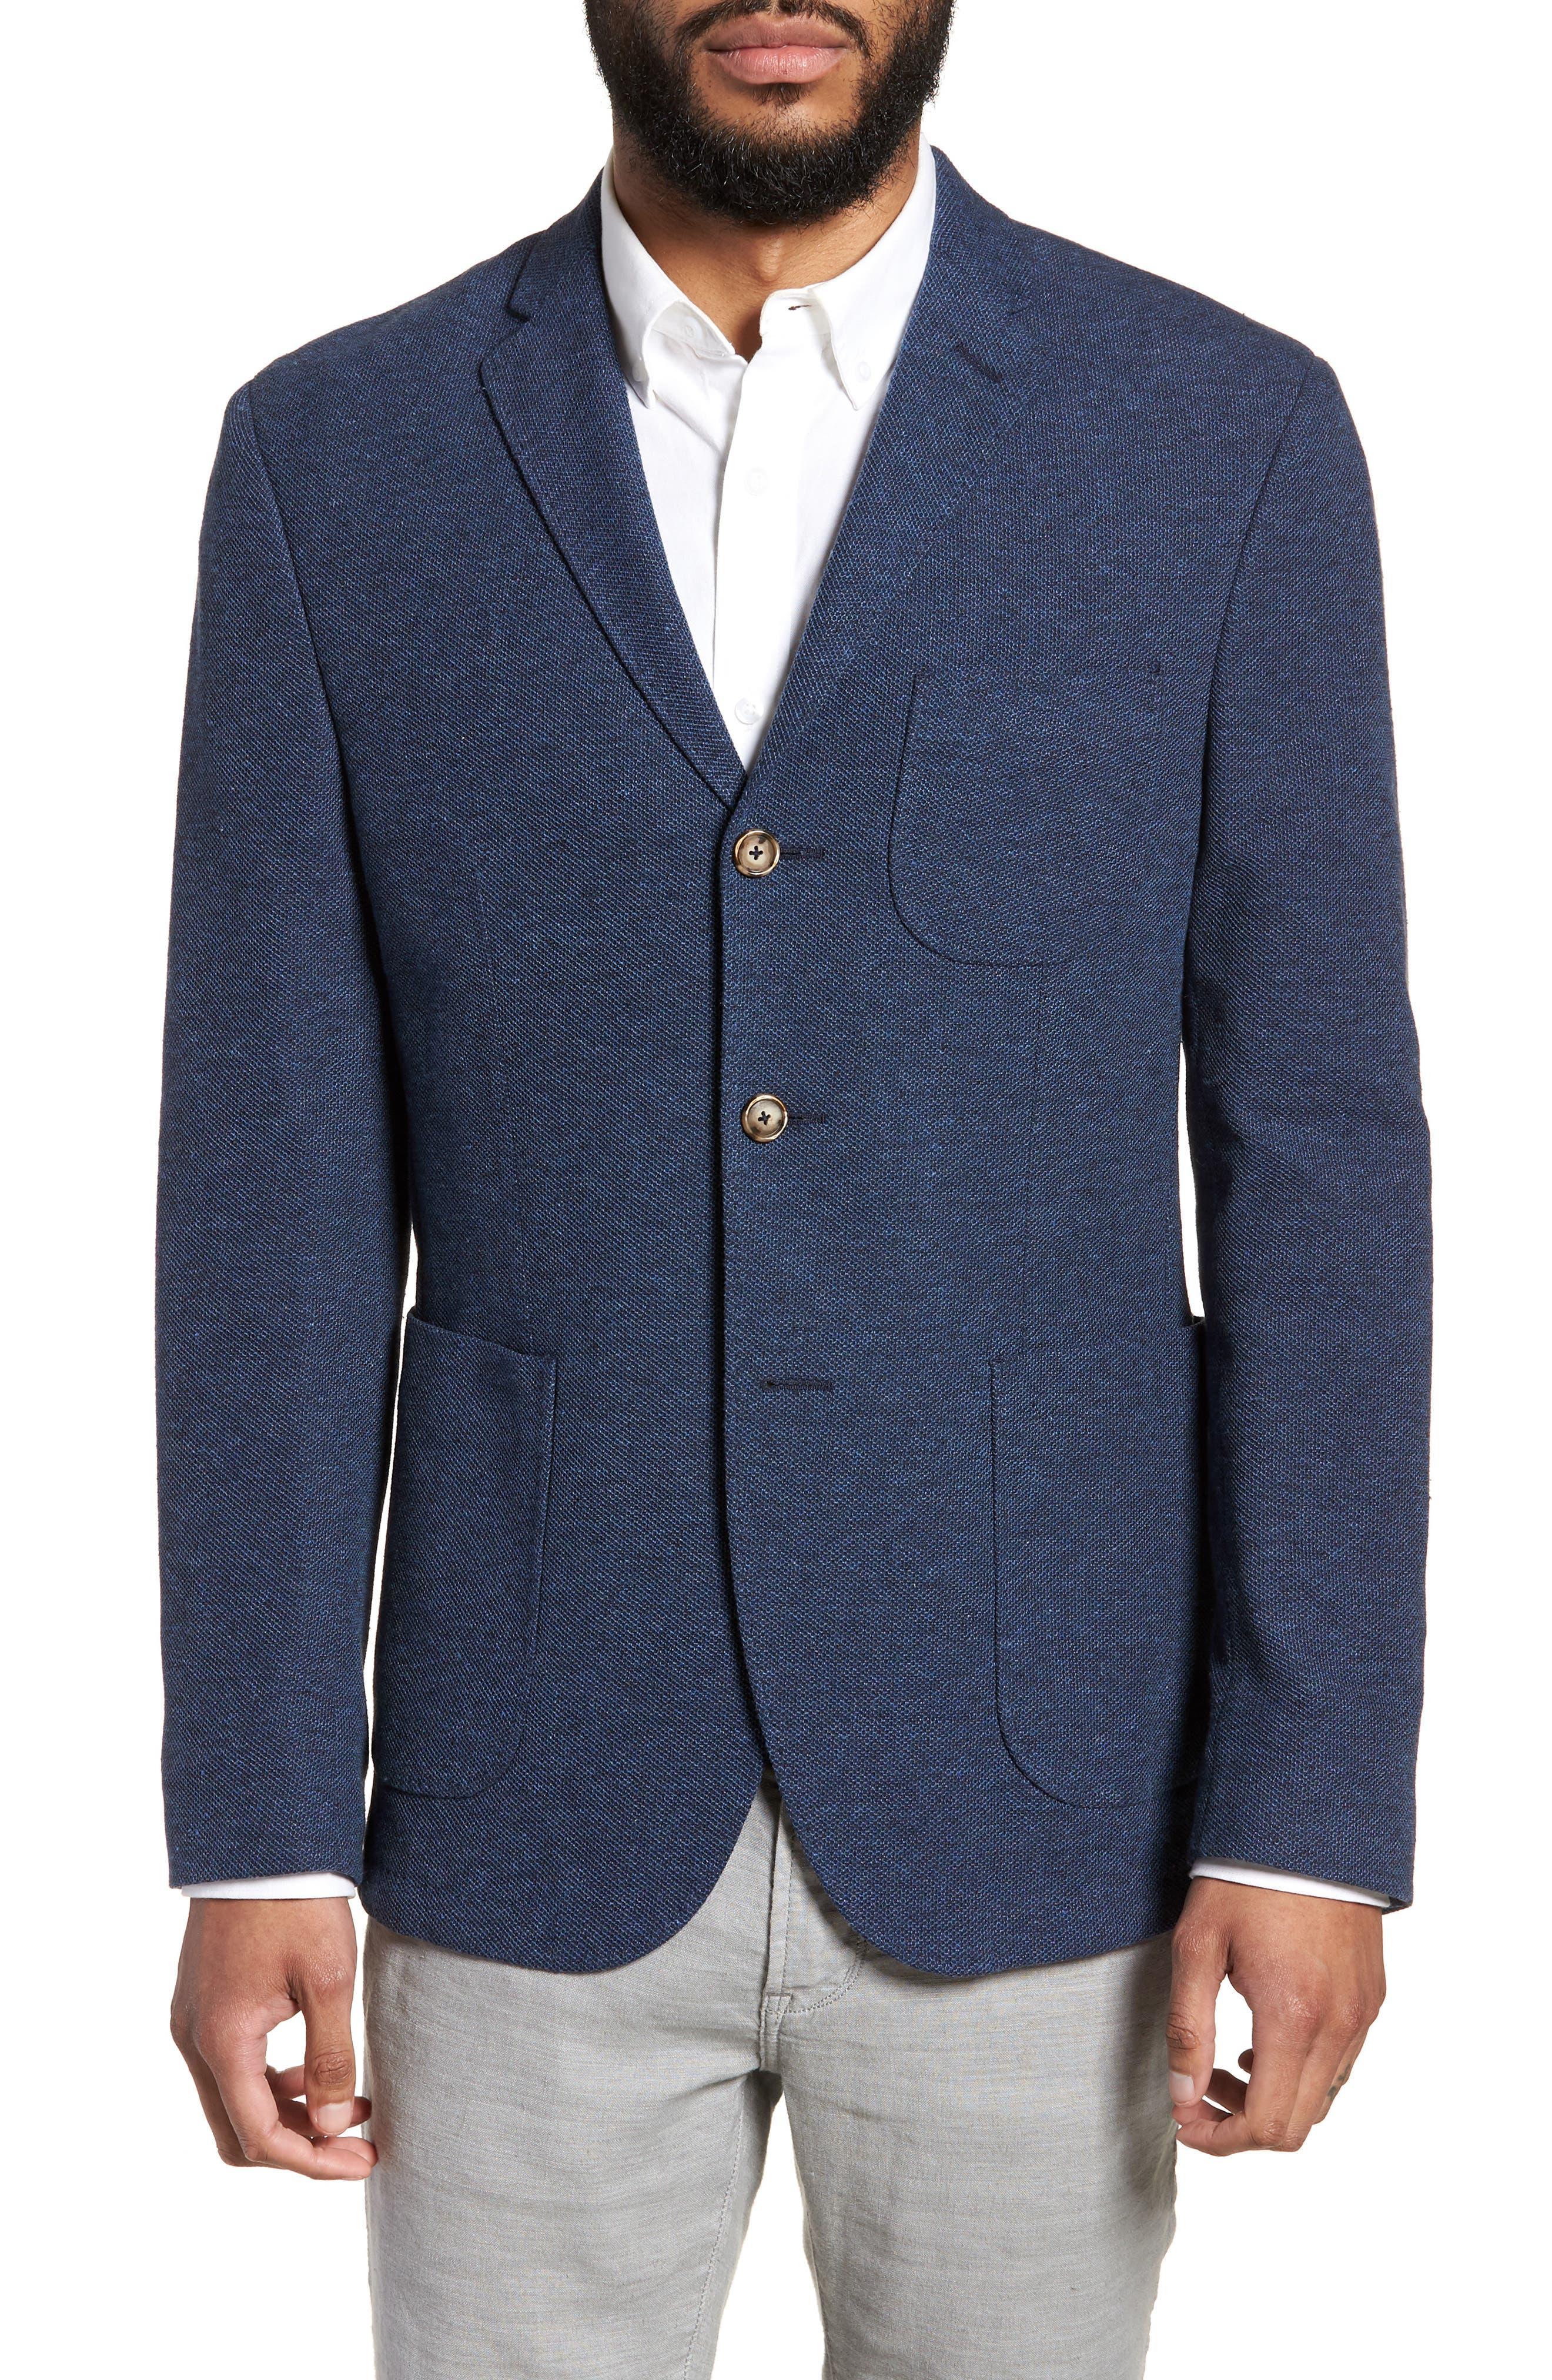 Trim Fit Cotton Blend Blazer,                             Main thumbnail 1, color,                             Mid Blue